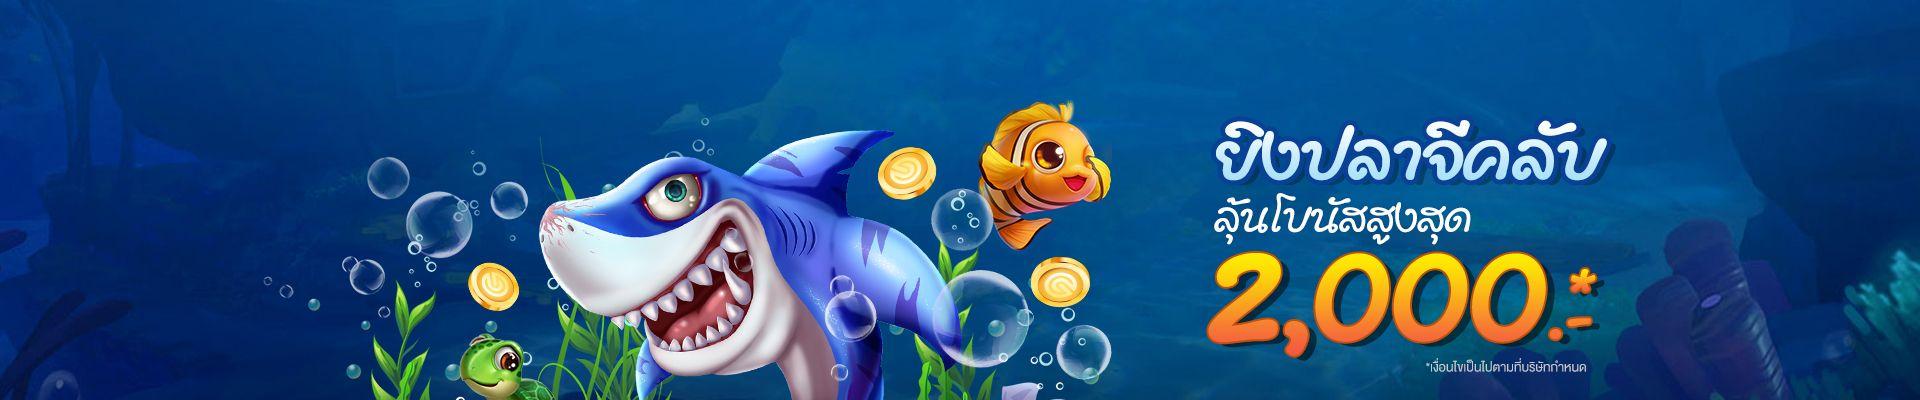 ยิงปลาจีคลับ ลุ้นโบนัสสูงสุด 2,000* บาท!